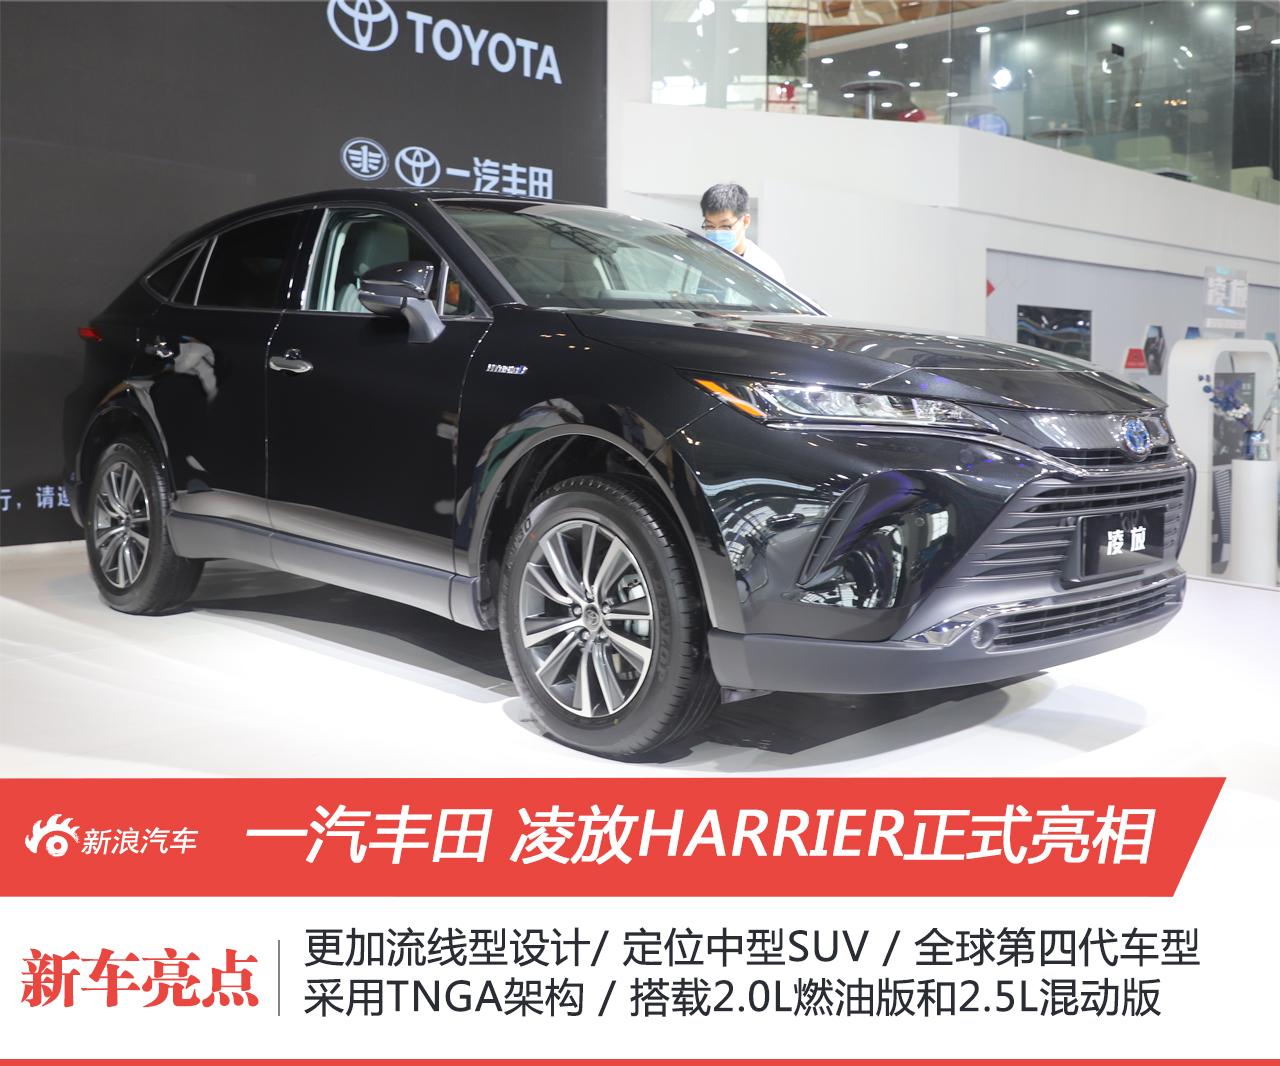 2021天津车展:一汽丰田凌放HARRIER表态